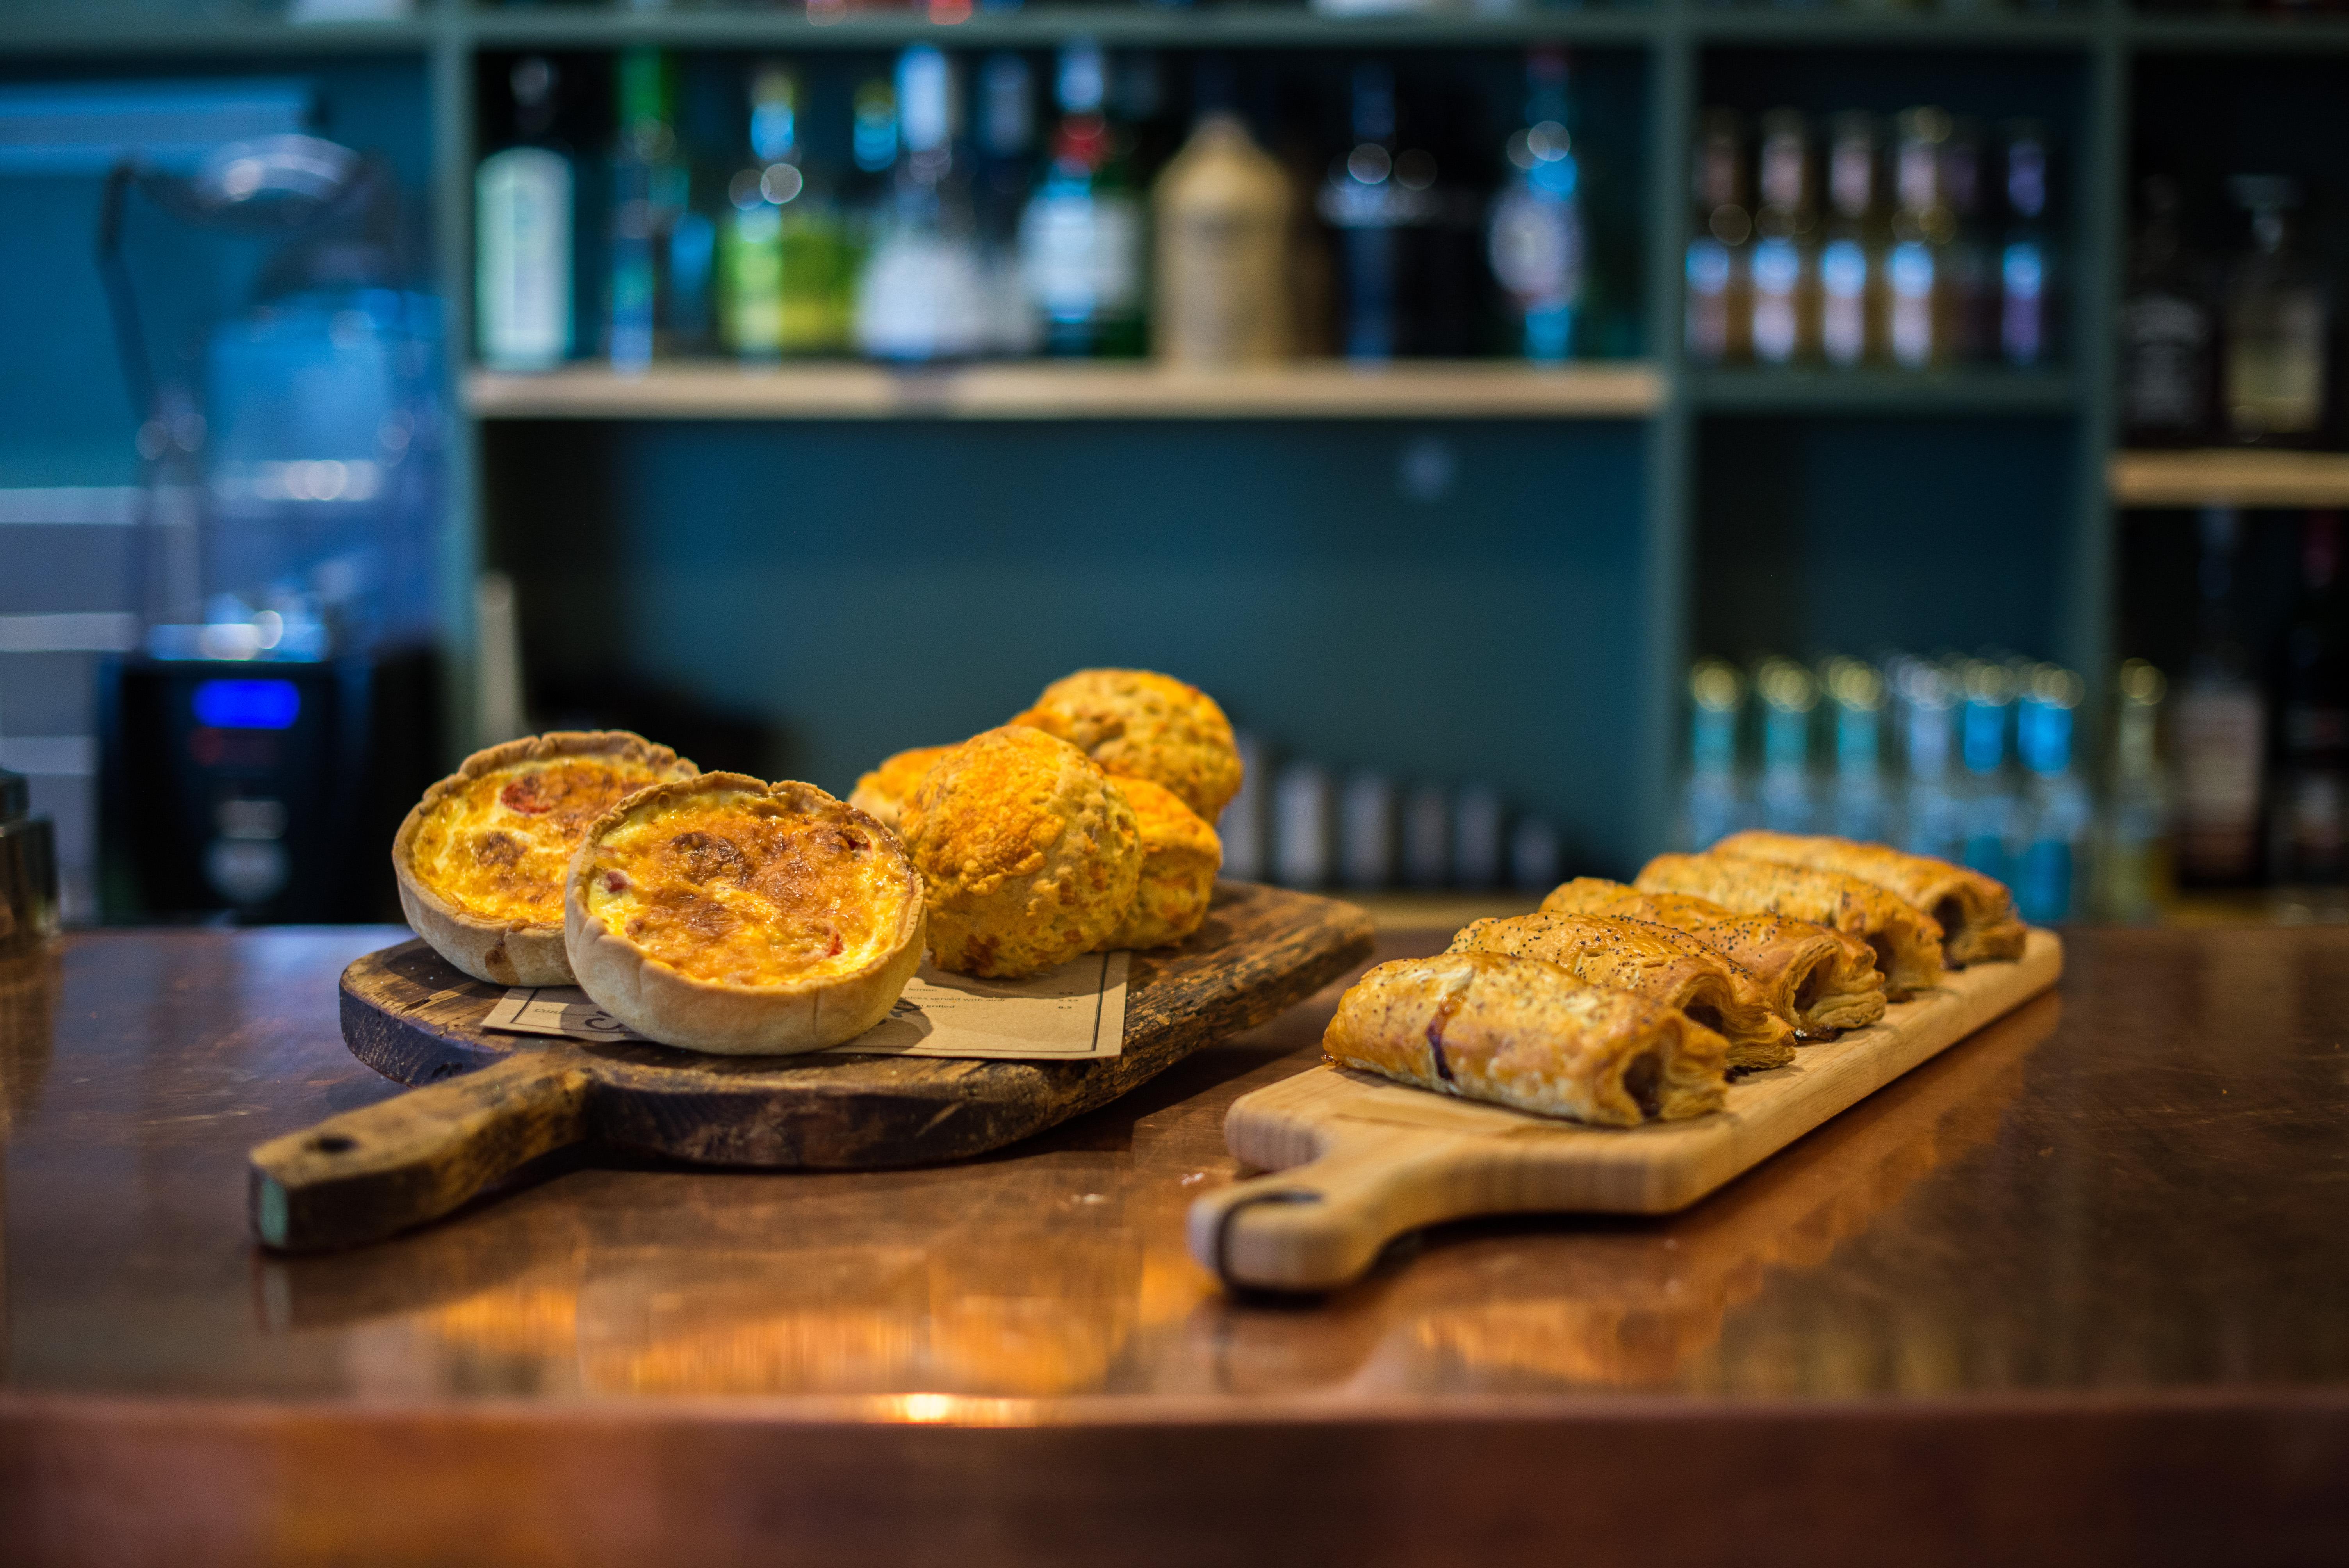 Top Food photographer UK